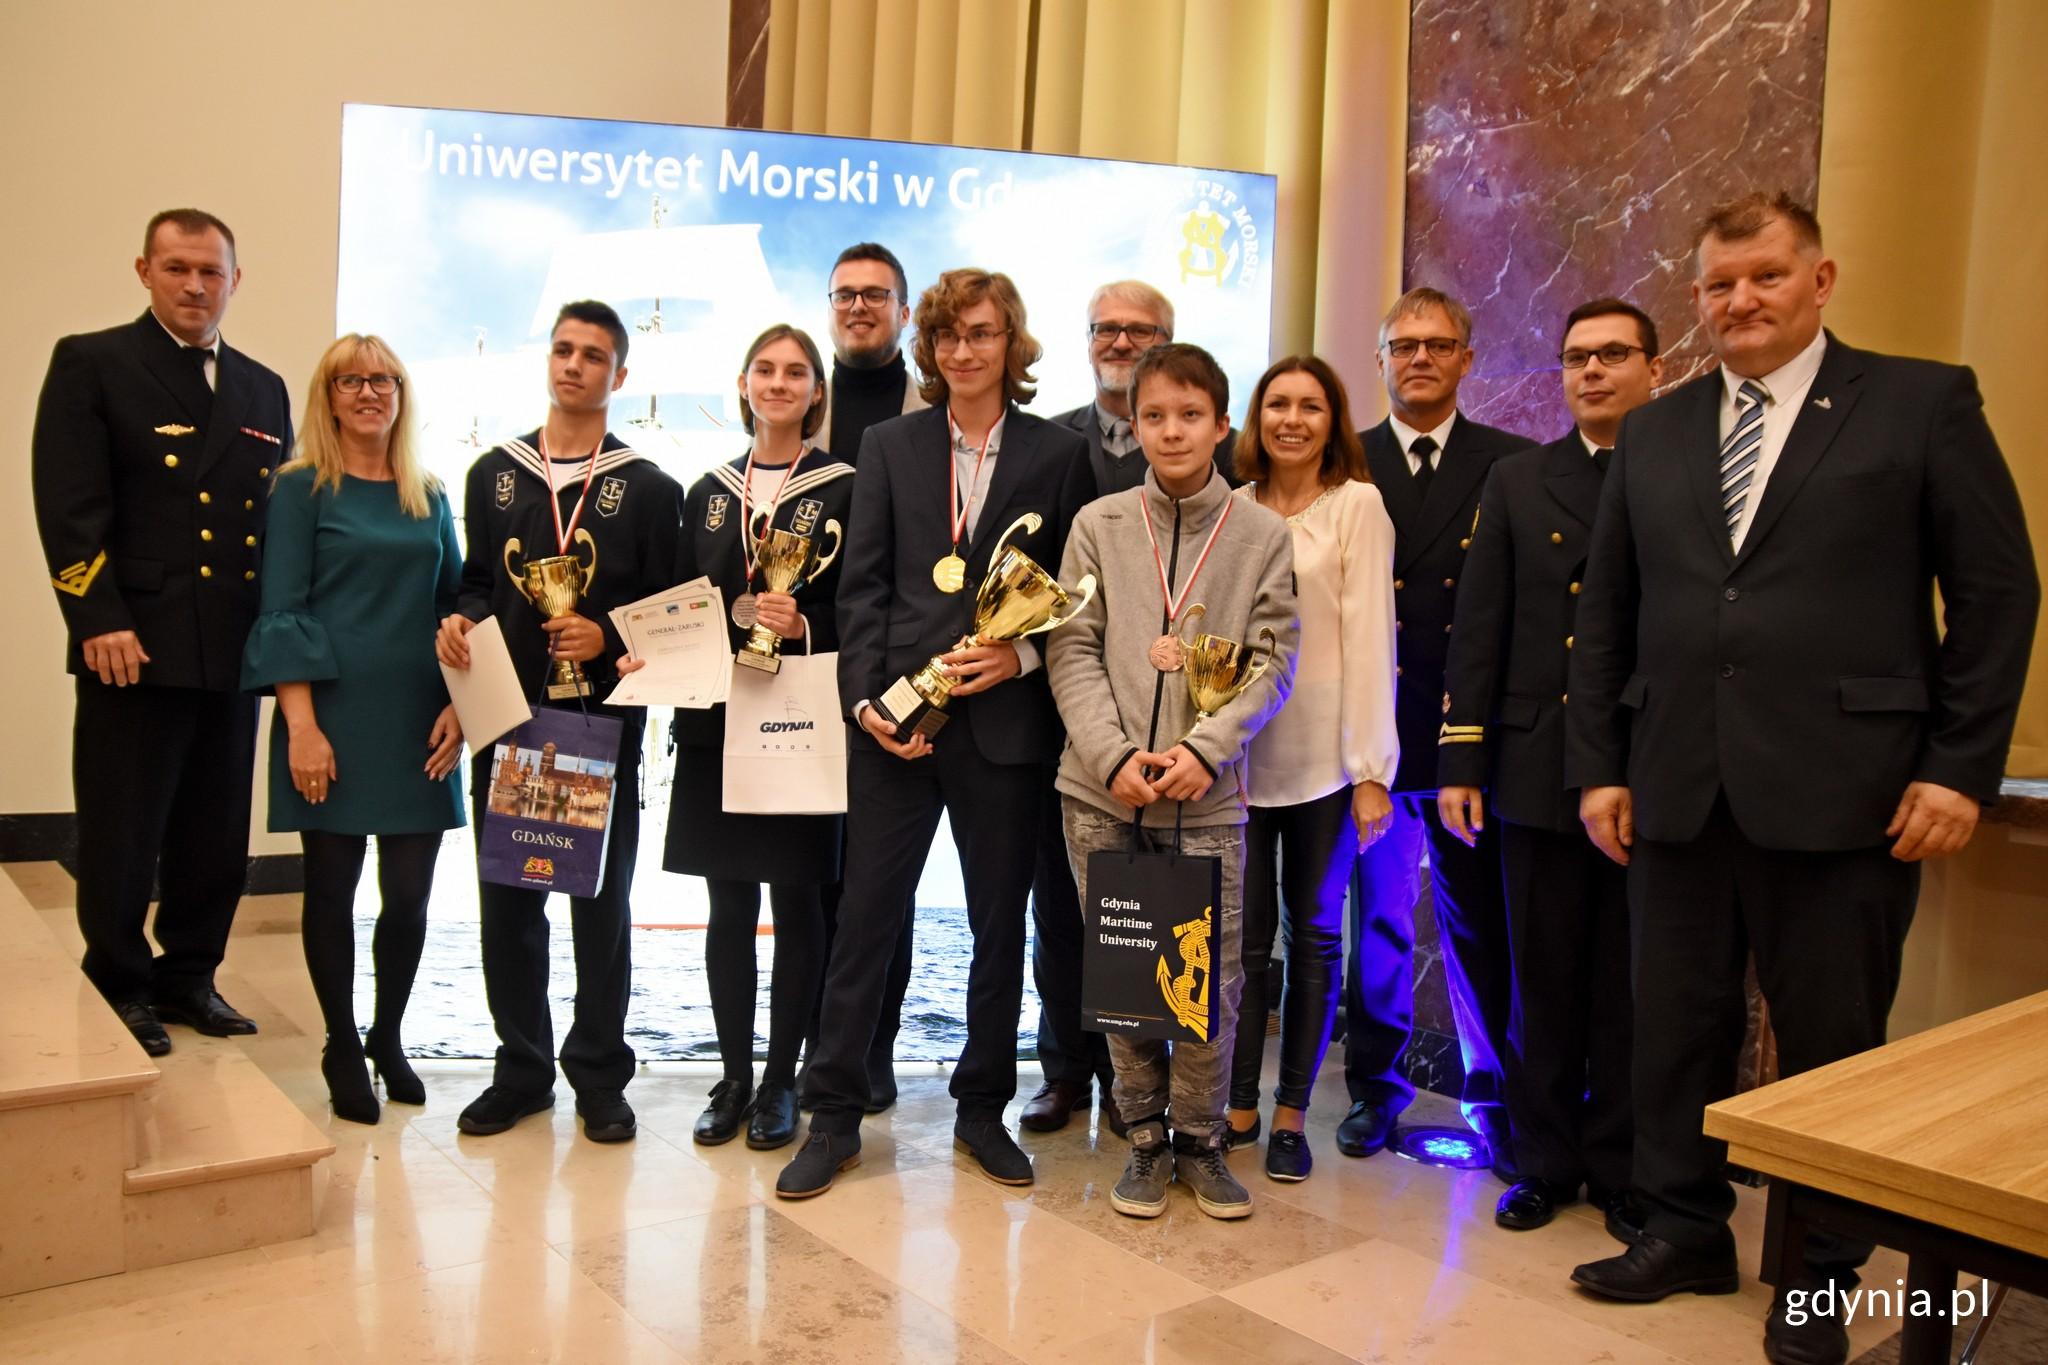 Laureaci konkursu wraz z członkami jury // fot. Paweł Kukla